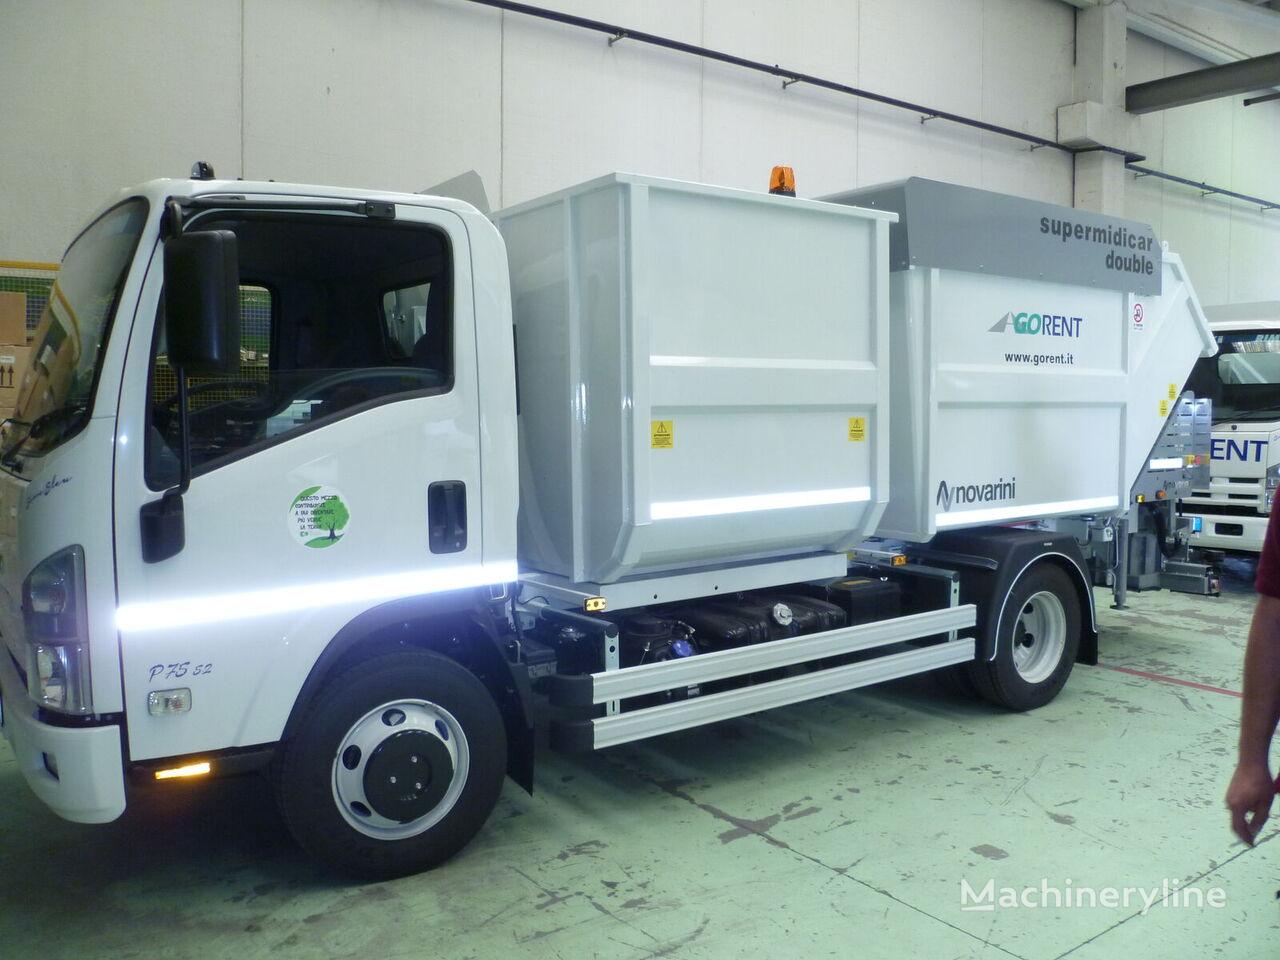 ISUZU P75 5200 cc P. 3365 E6 garbage truck